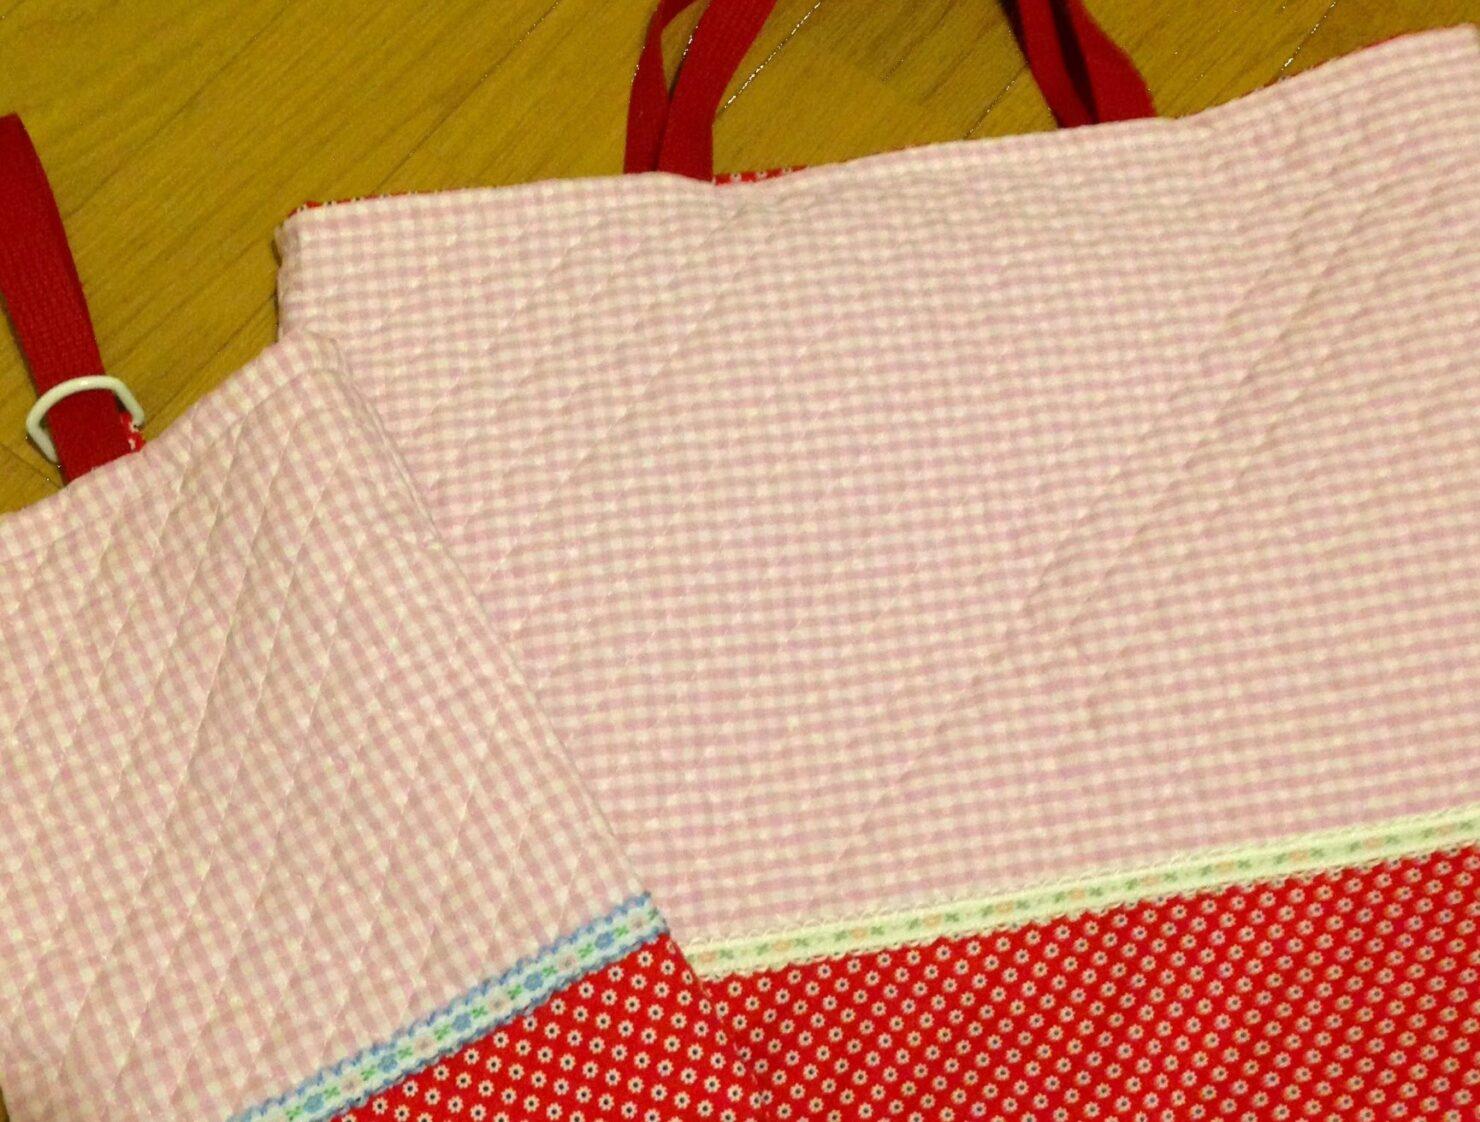 女の子のレッスンバッグの簡単な作り方は? 通販で買えるおすすめのレッスンバッグ6選